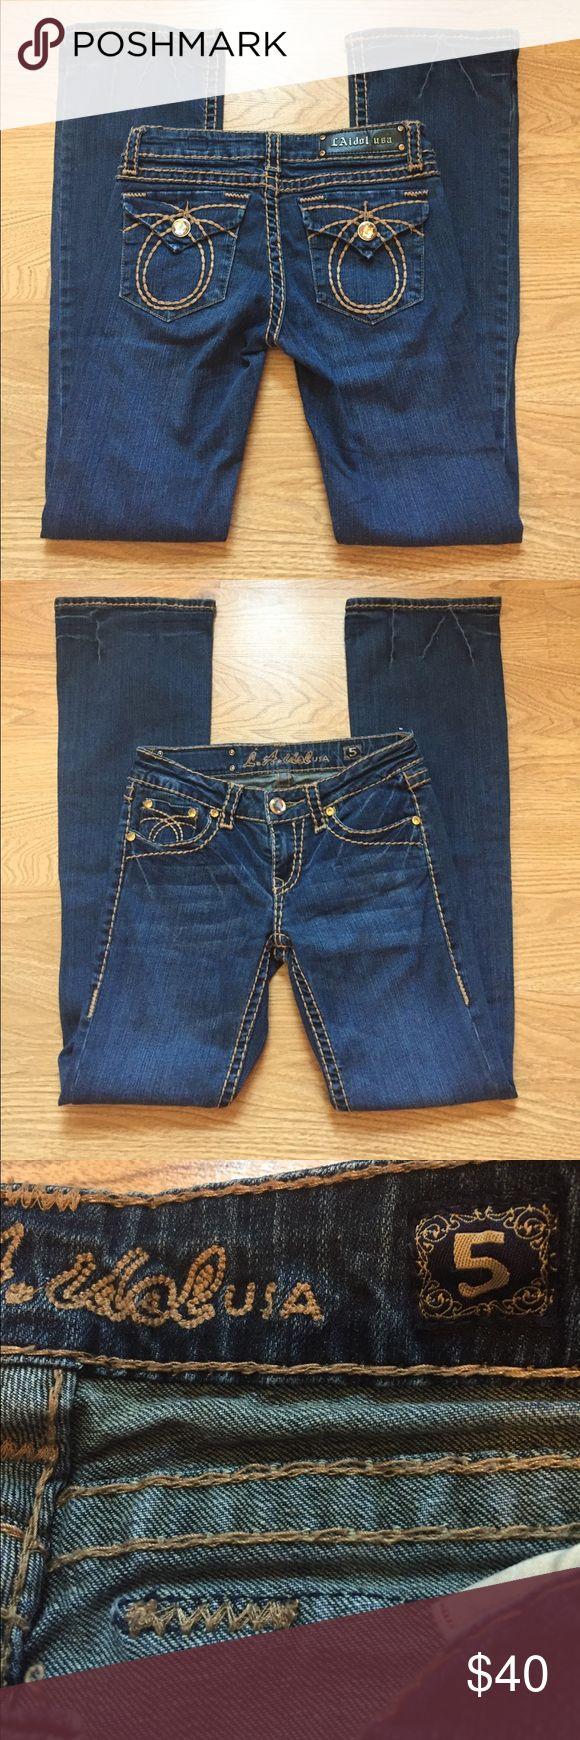 La idol  jeans sz 29(5) X33 Like new La Idol jeans sz 29(5) X33 LA Idol Jeans Boot Cut